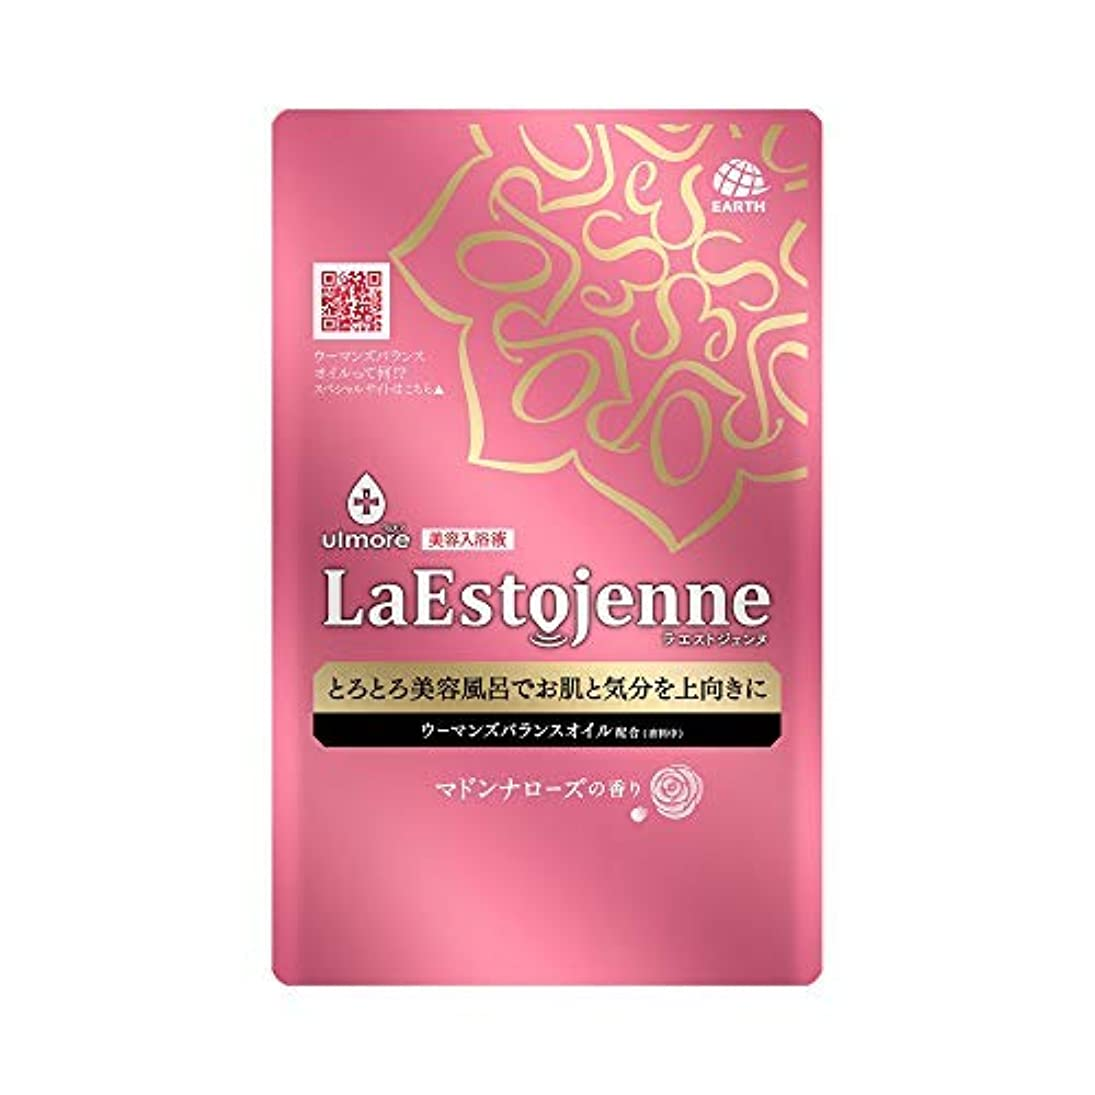 抑圧任意フォルダウルモア ラエストジェンヌ マドンナローズの香り 1包 × 4個セット